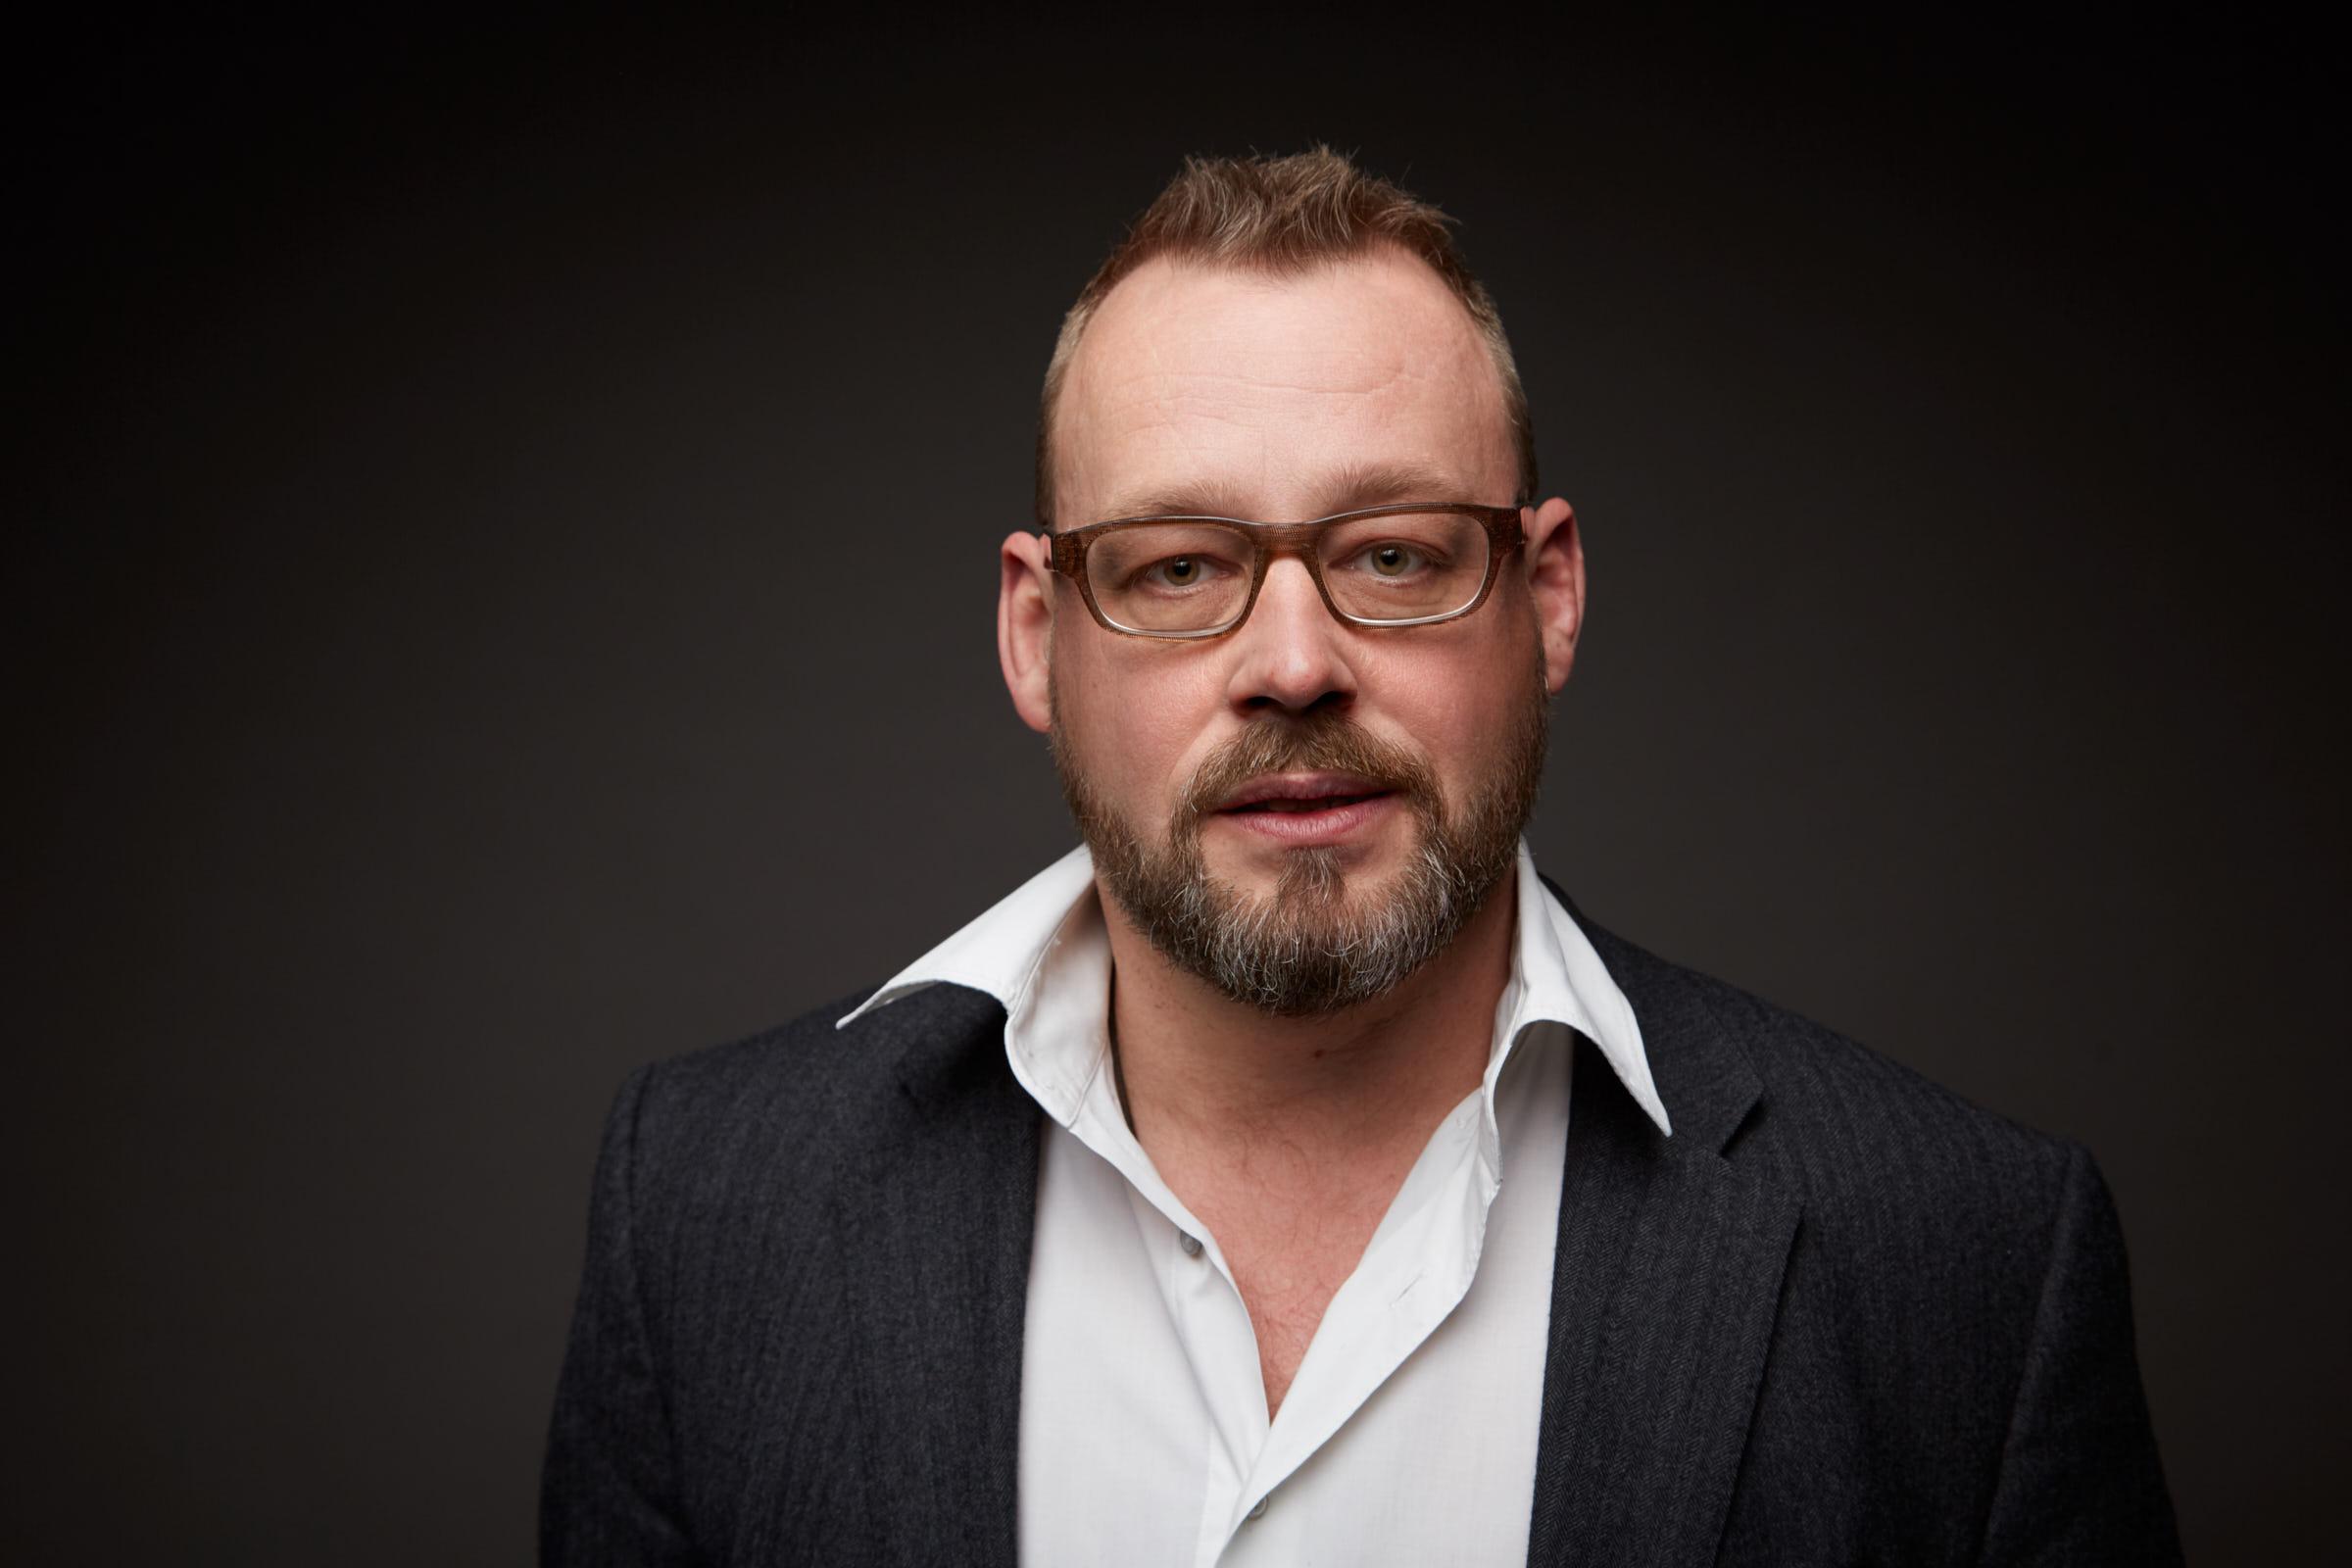 Profesionelles Portrait des freien Trierer Architekten Uwe Siemer, entstanden im Fotostudio von Kliewer Fotografie